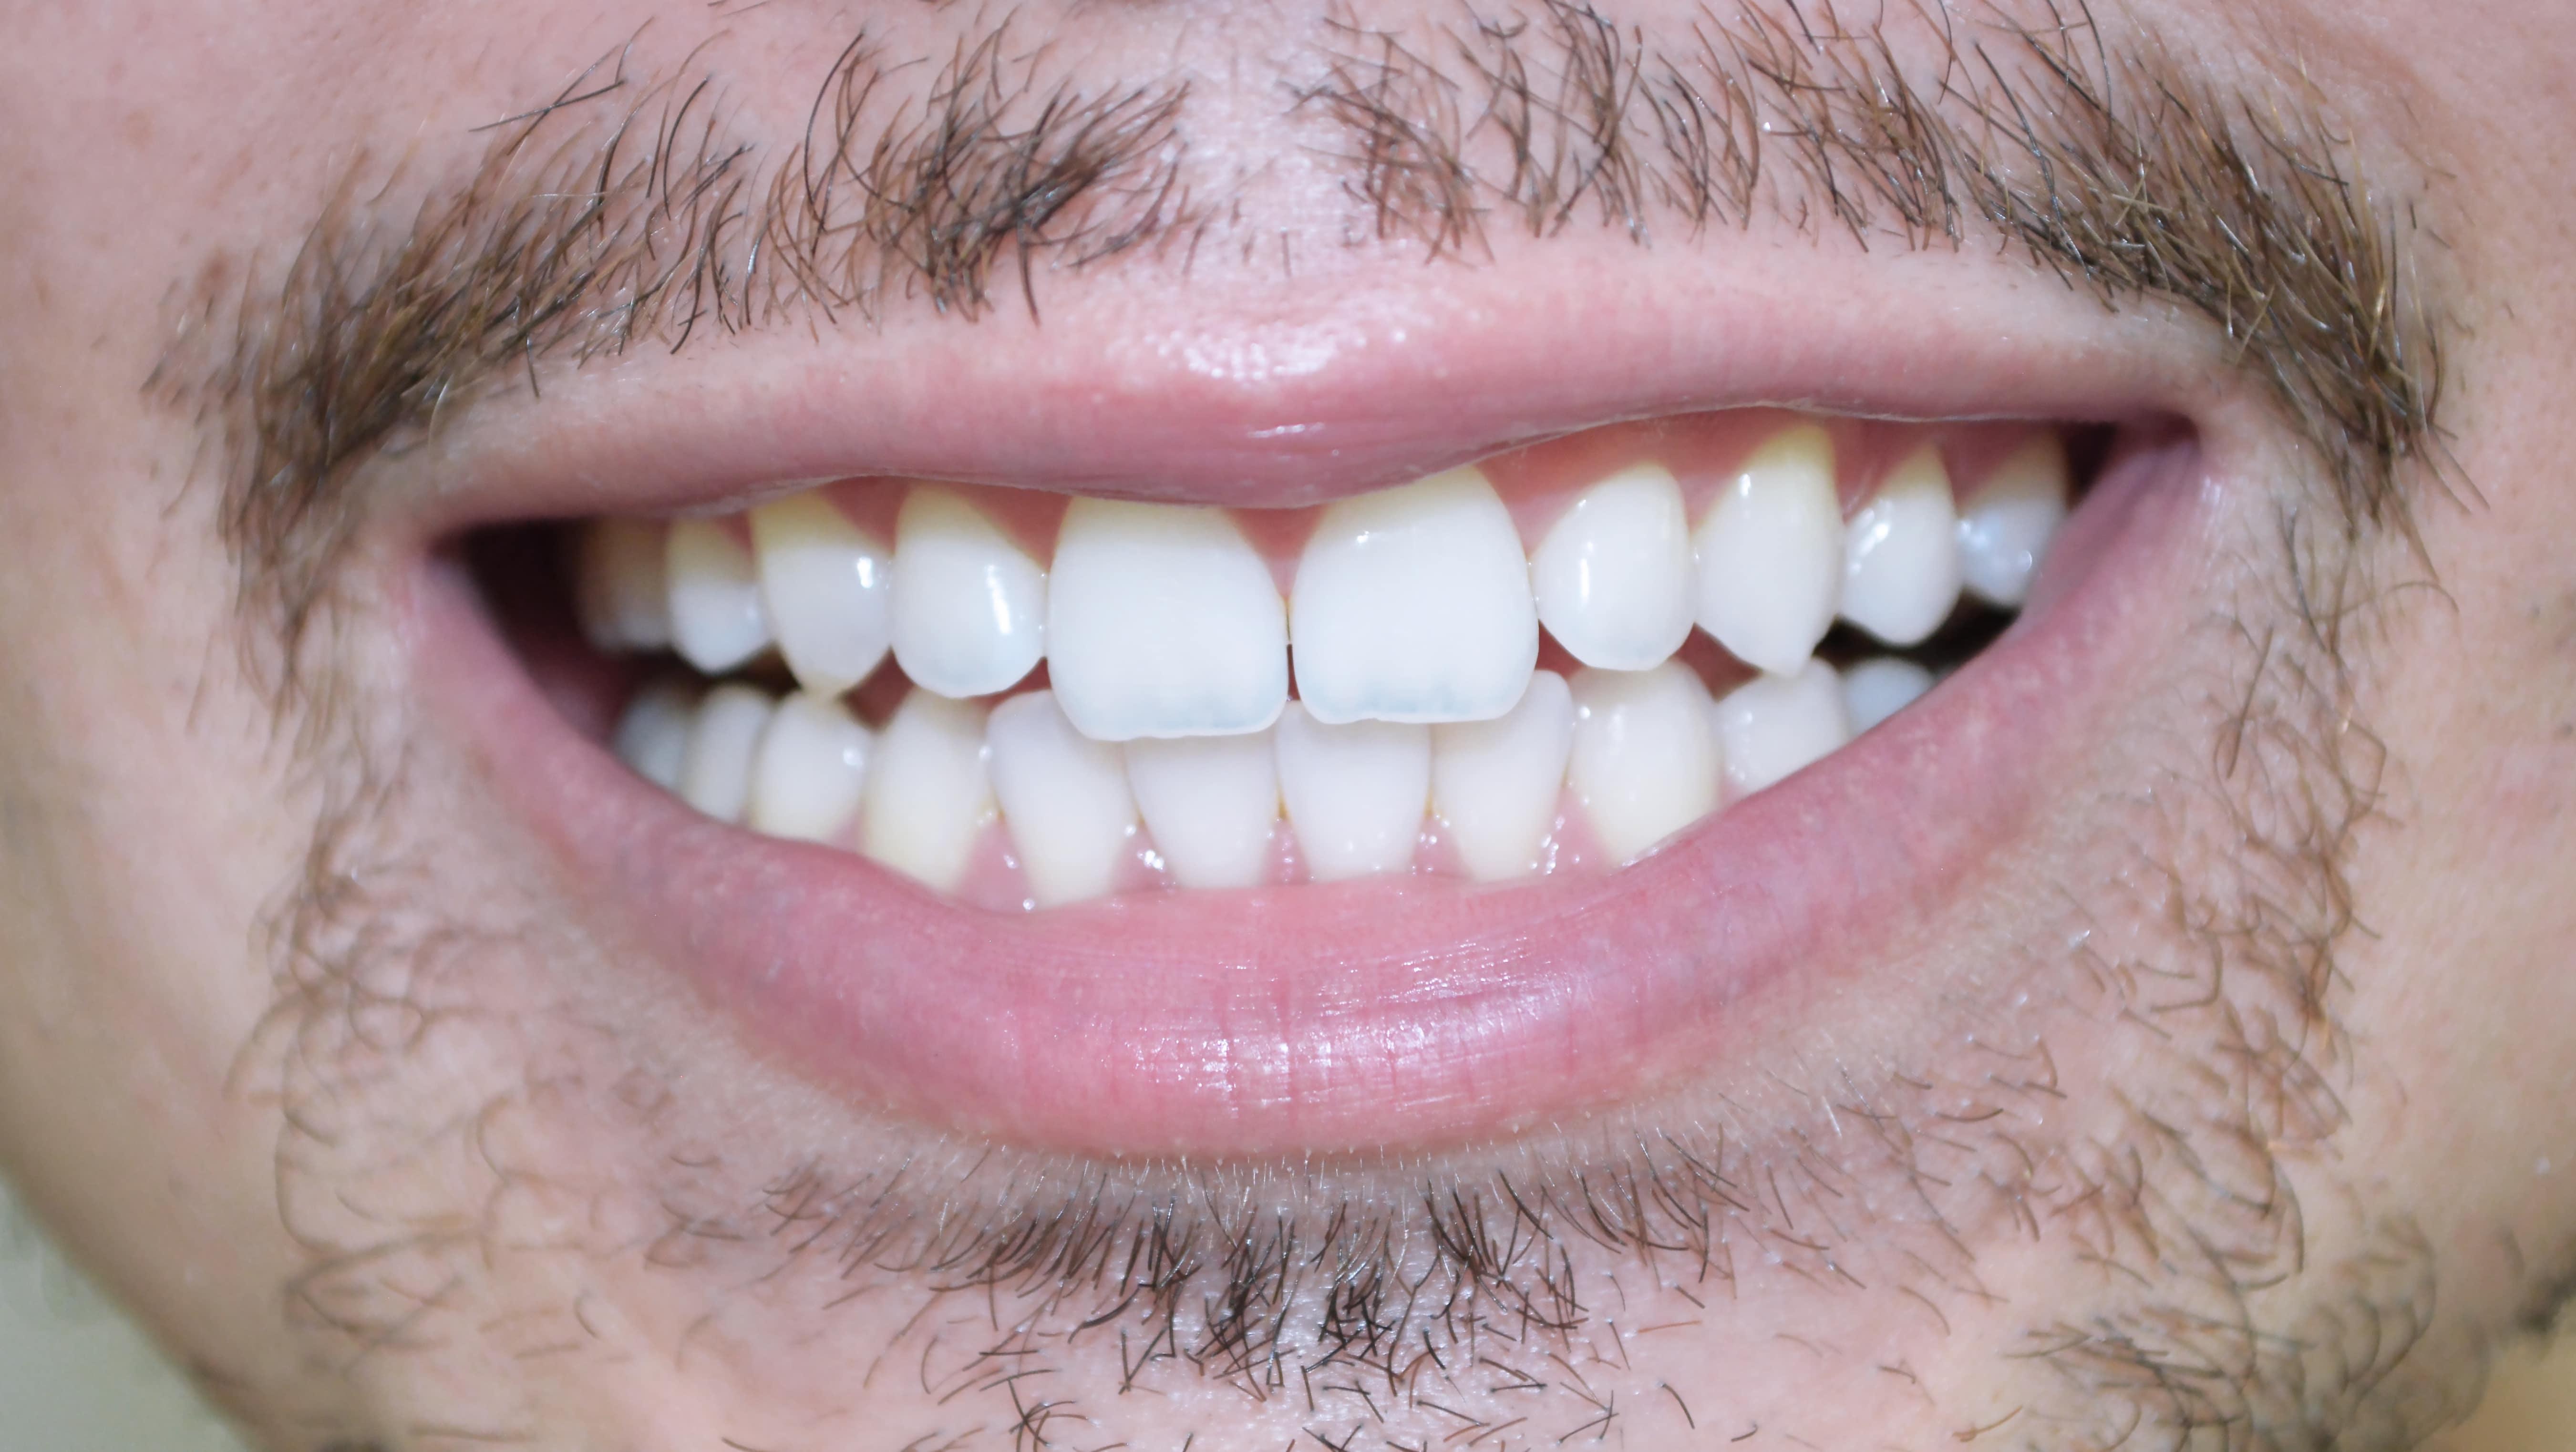 Pasta De Dente Preta Que Clareia Os Dentes Se Liga Homens Que Se